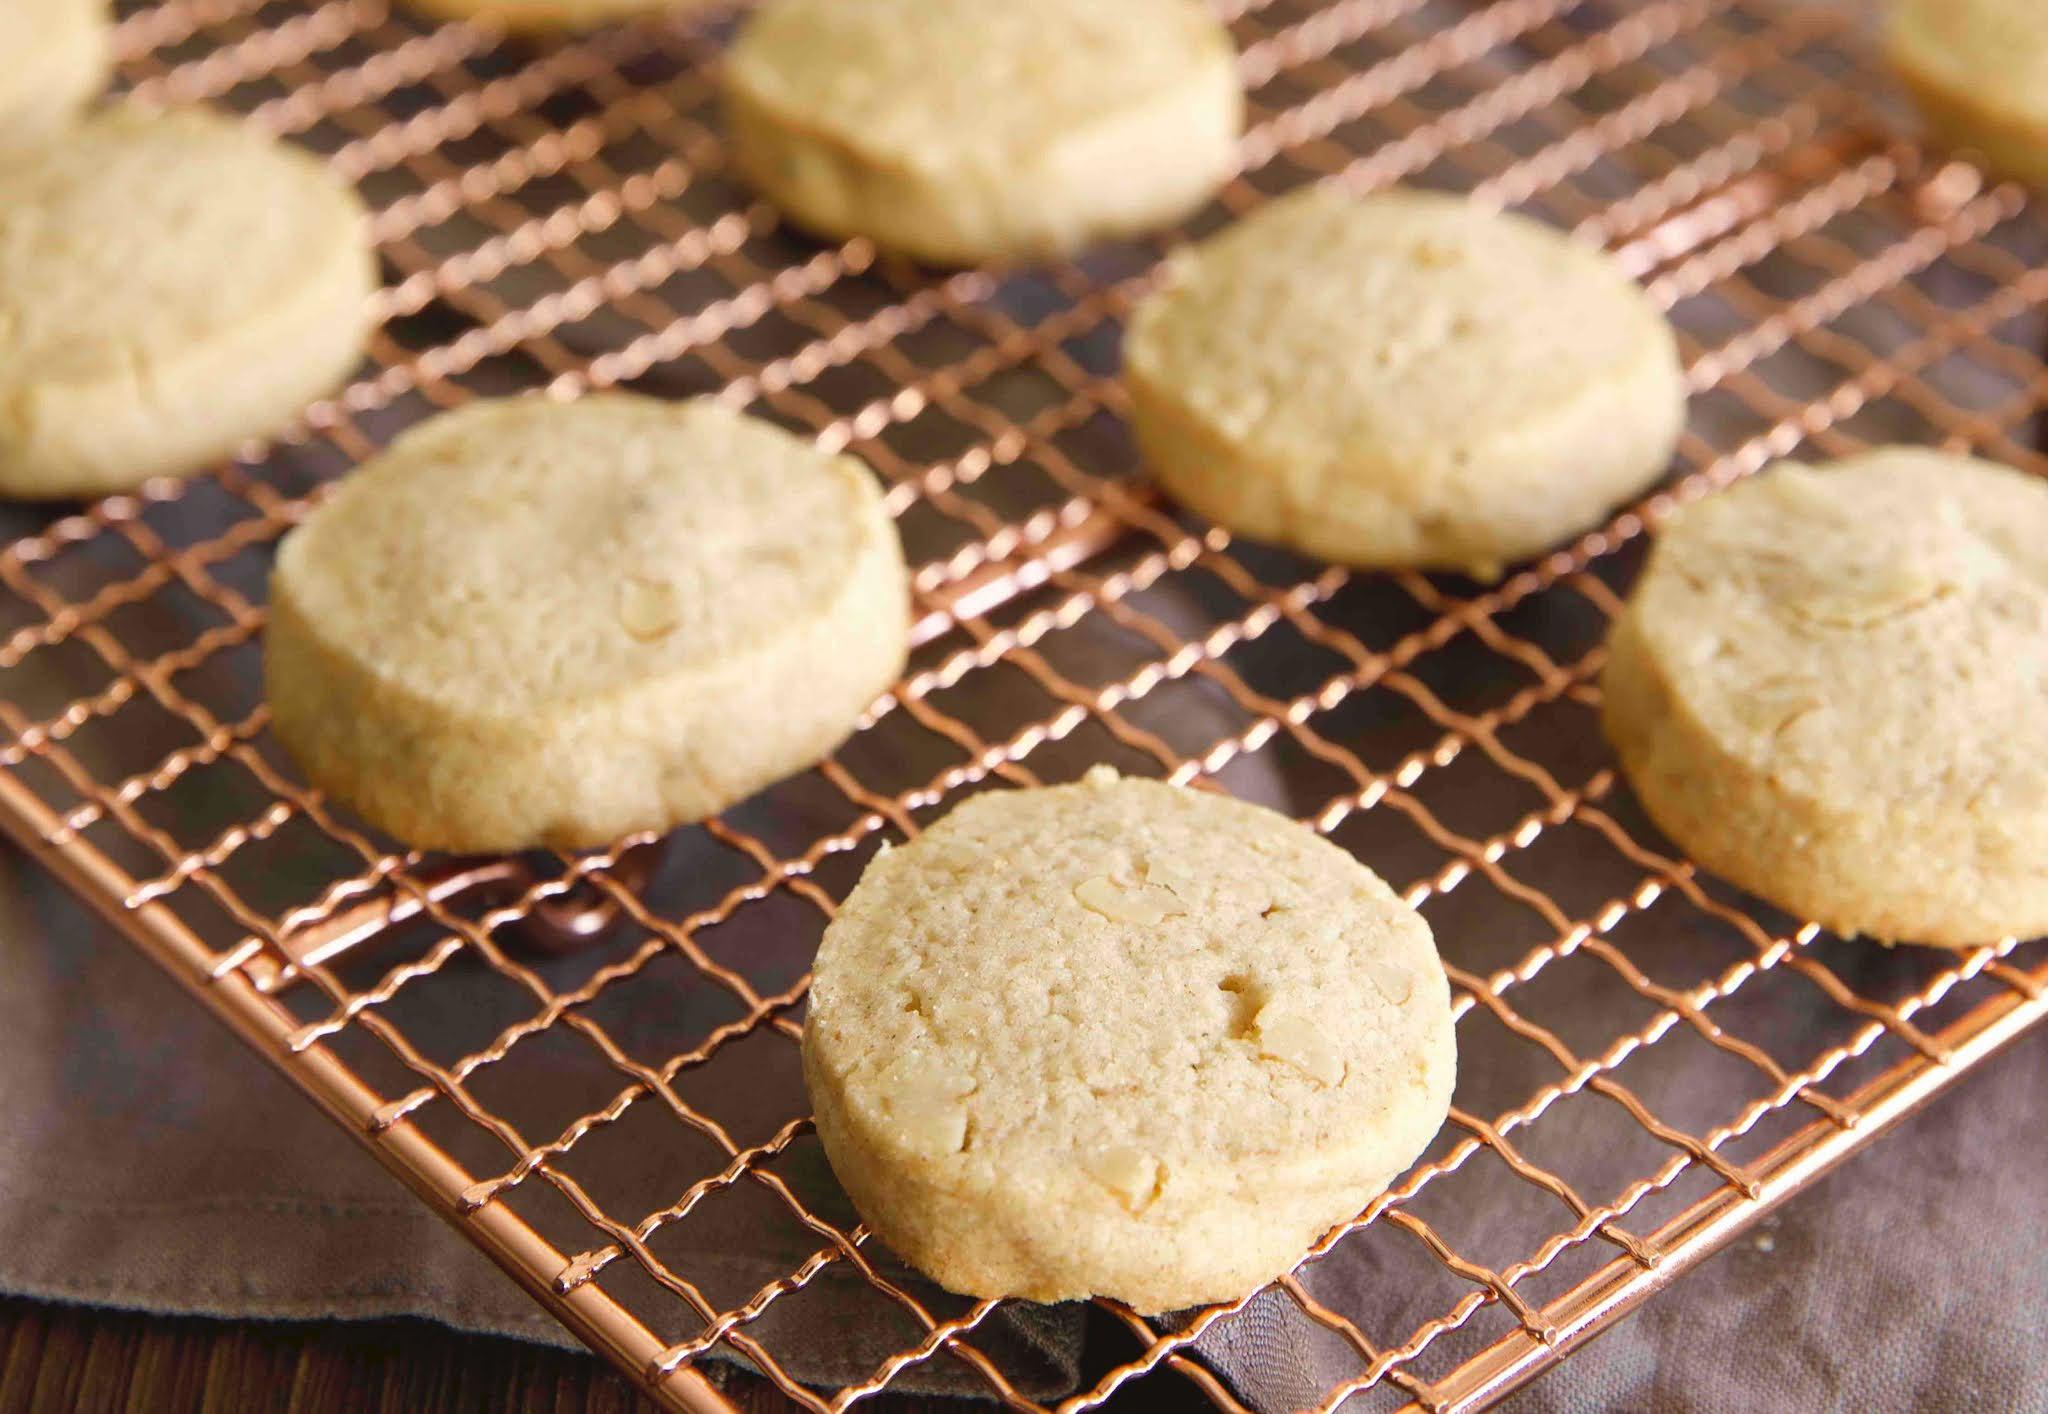 Feinmürbe, schnelle Walnuss-Plätzchen mit Zimt - Rezept von Der Kuchenbäcker | SCCC 2020: Türchen Nr. 21 | Gewinnspiel